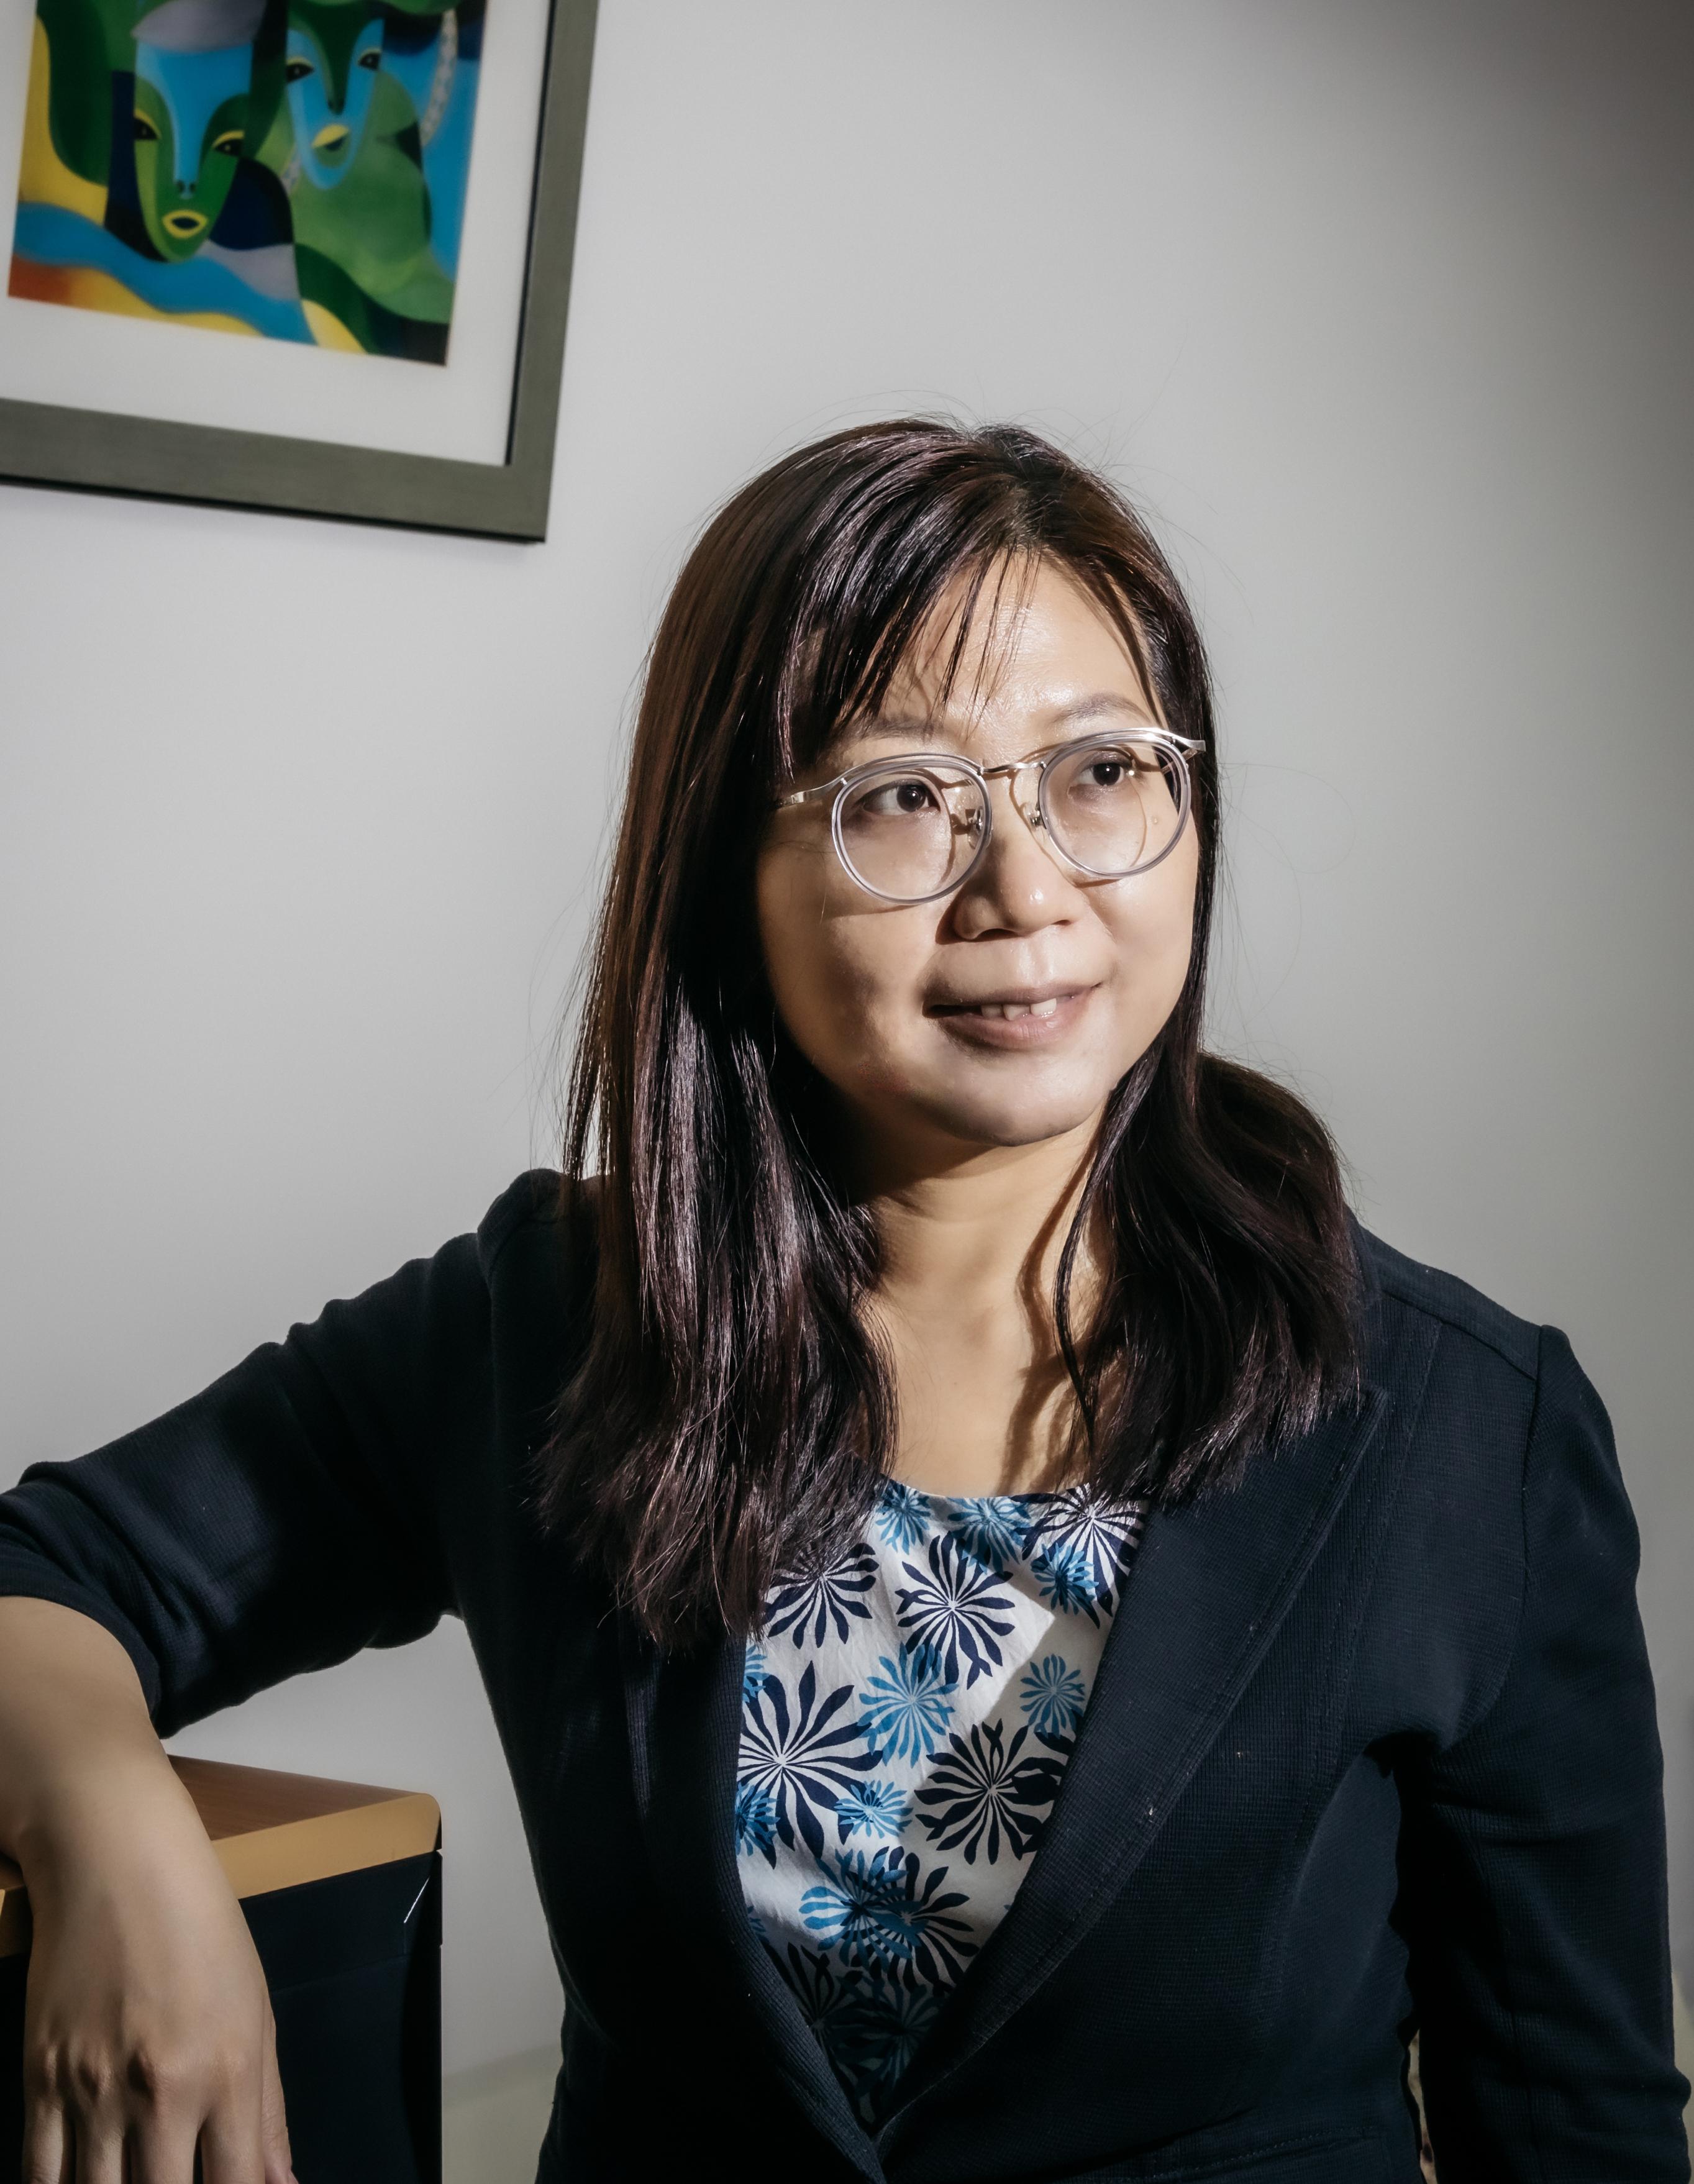 陳舜伶 Shun-Ling Chen